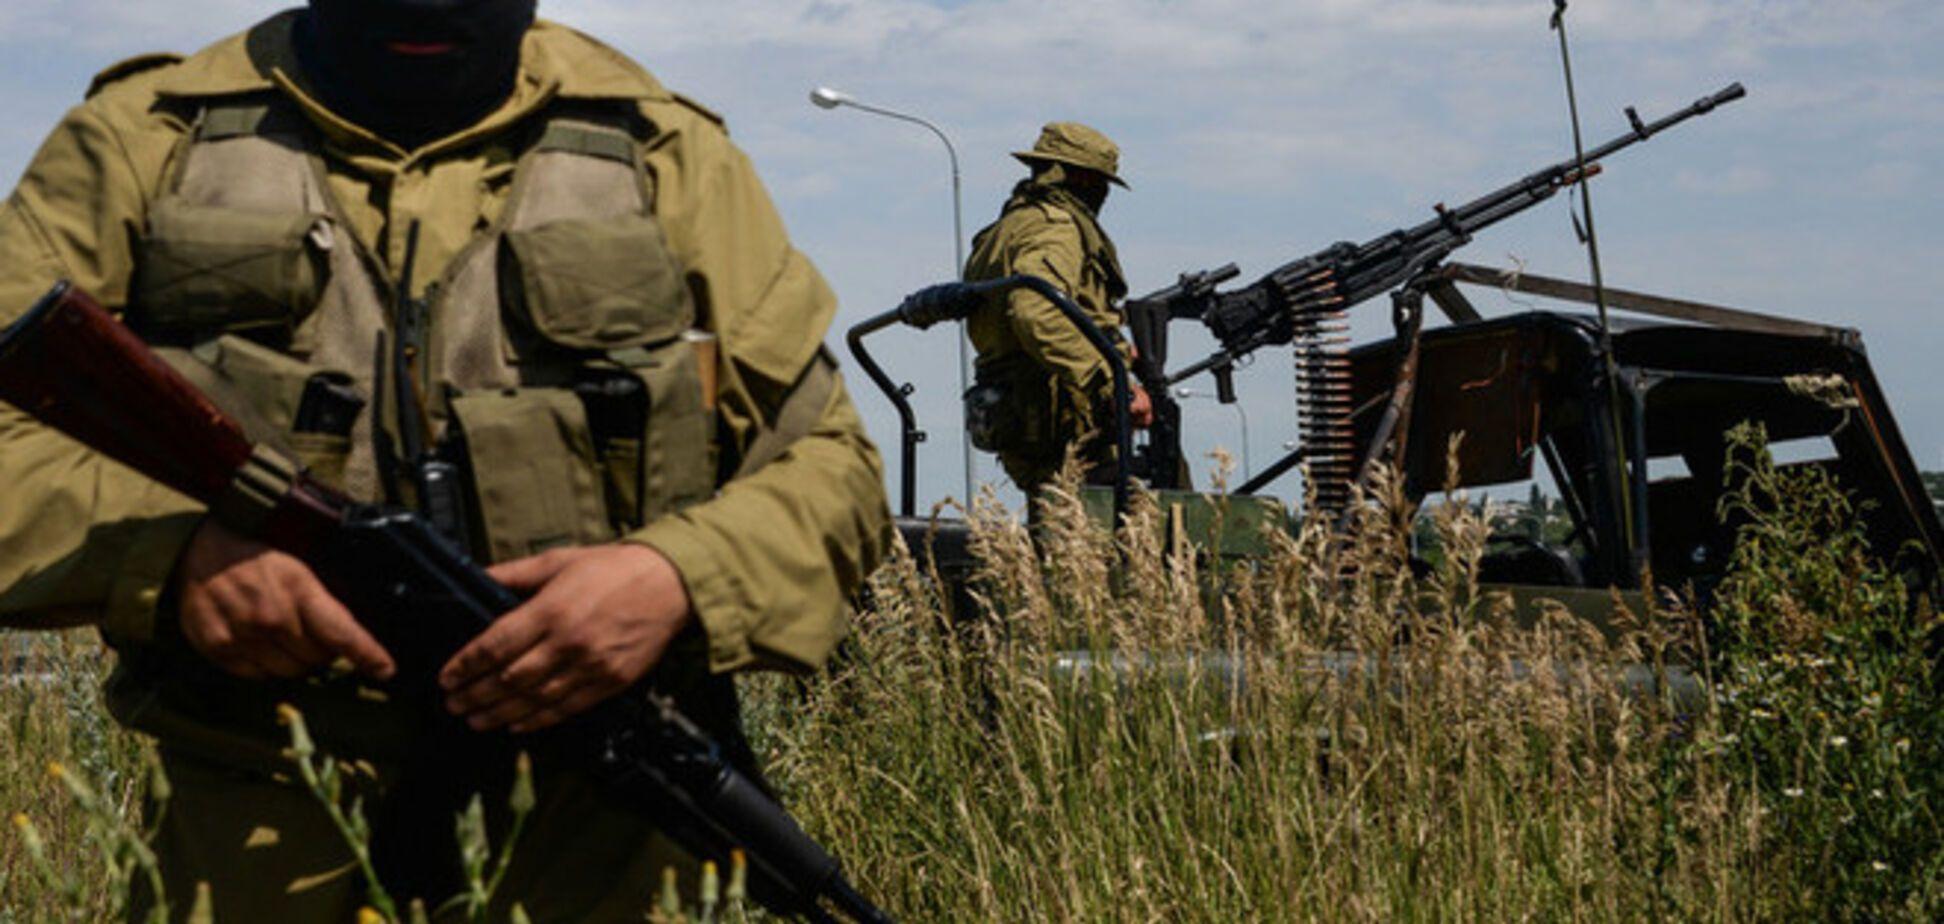 СБУ за сутки задержала семерых пособников террористов